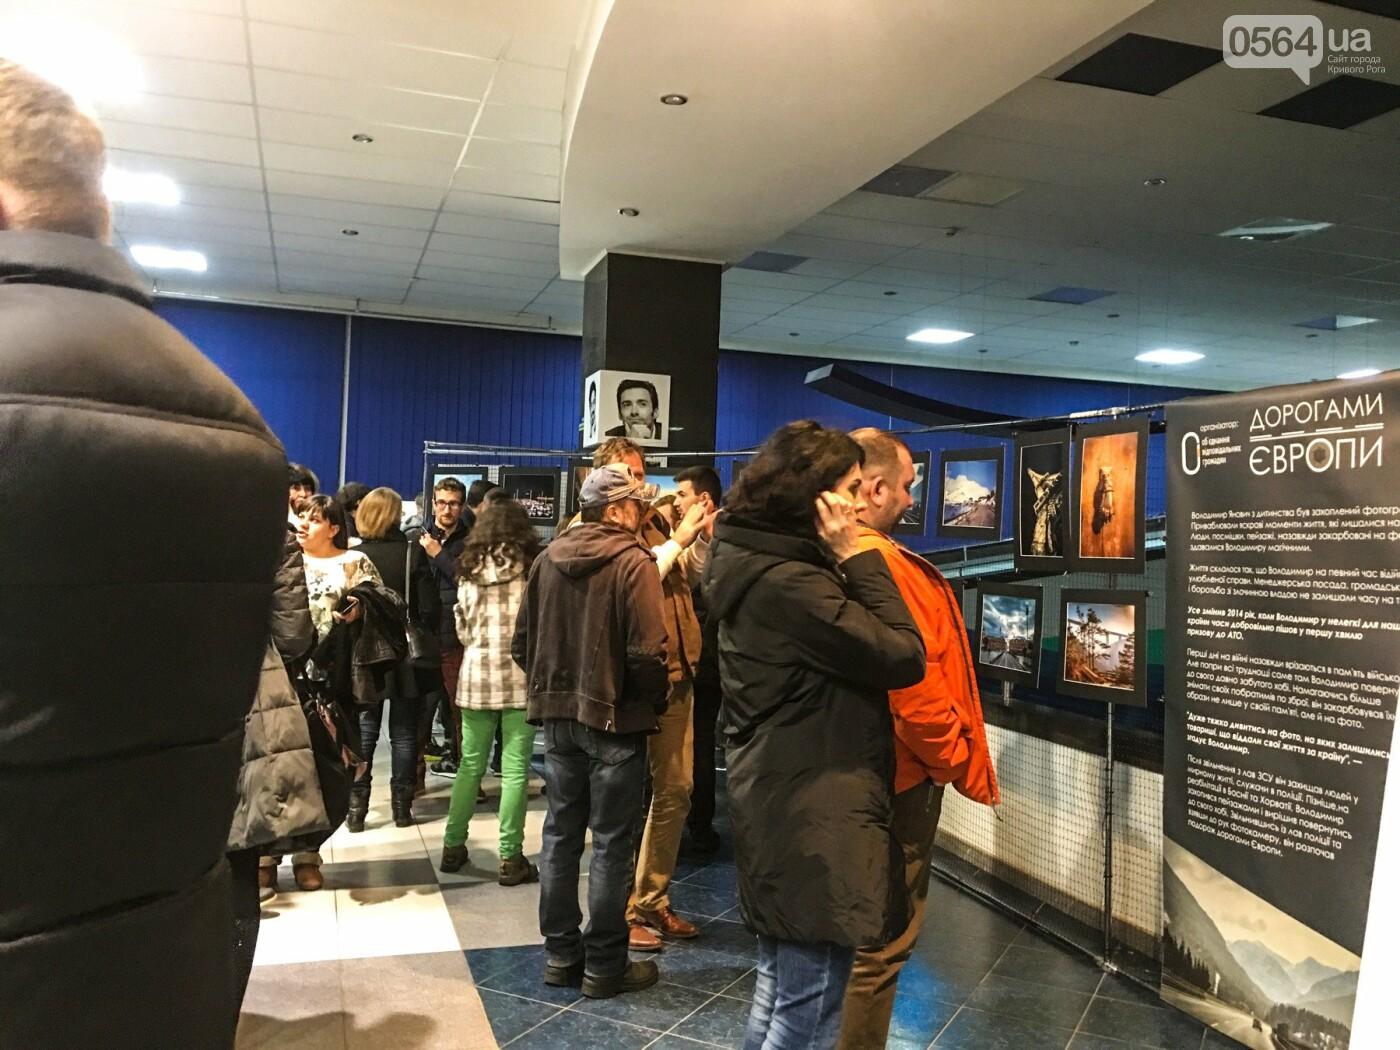 """""""Дорогами Европы"""": в Кривом Роге проходит уникальная фотовыставка ветерана АТО, - ФОТО, ВИДЕО, фото-27"""